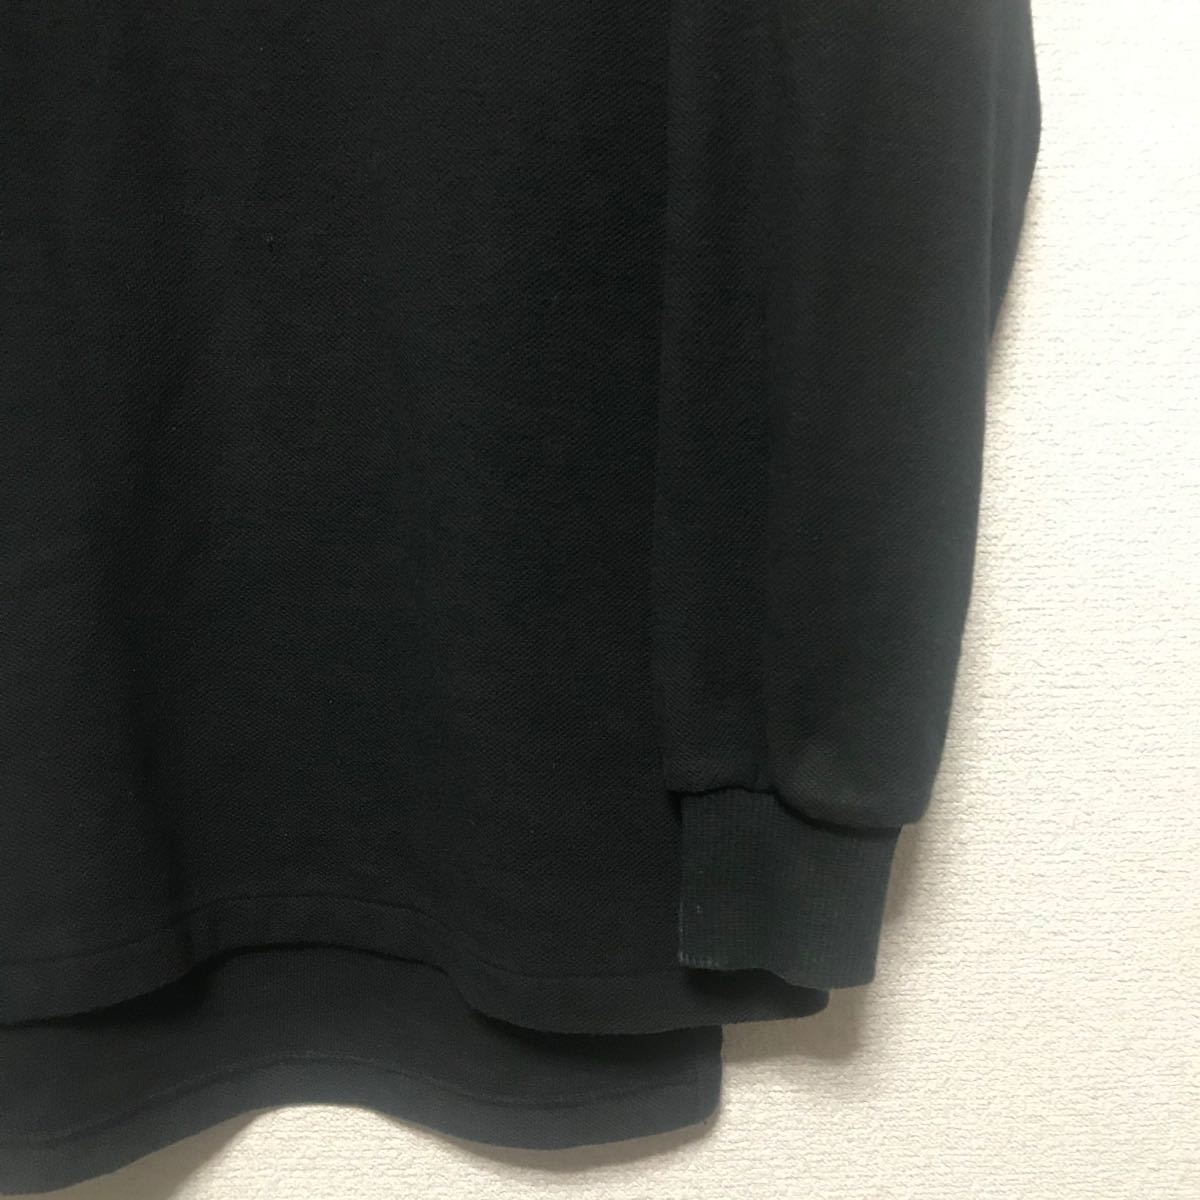 ポロラルフローレン ポロシャツ 長袖 黒 サイズM ロゴ刺繍